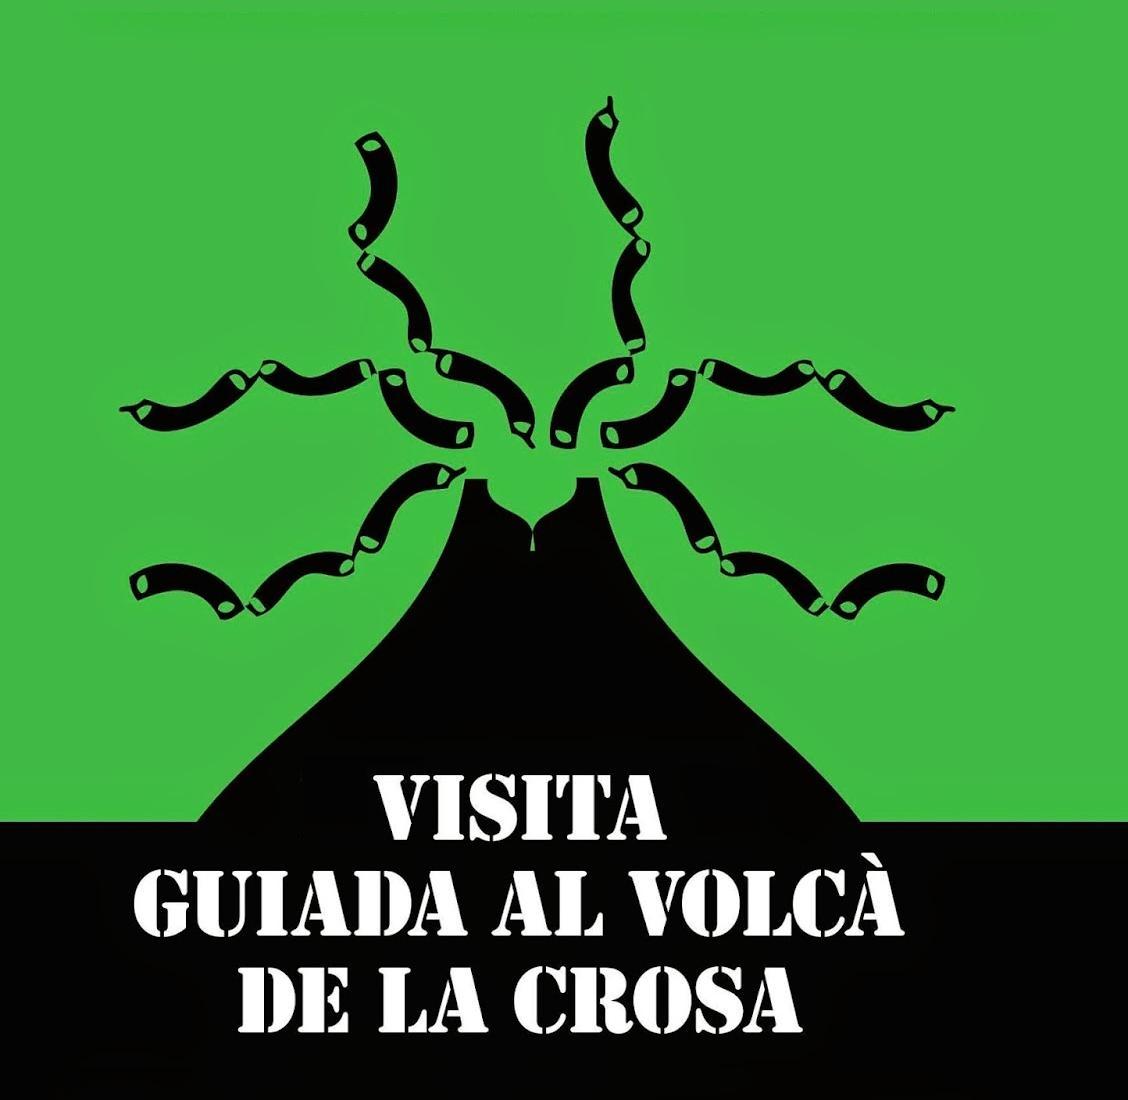 Centre d'Estudis de la Crosa i les Fonts info@@lacrosa.cat (adreça protegida d'spam)